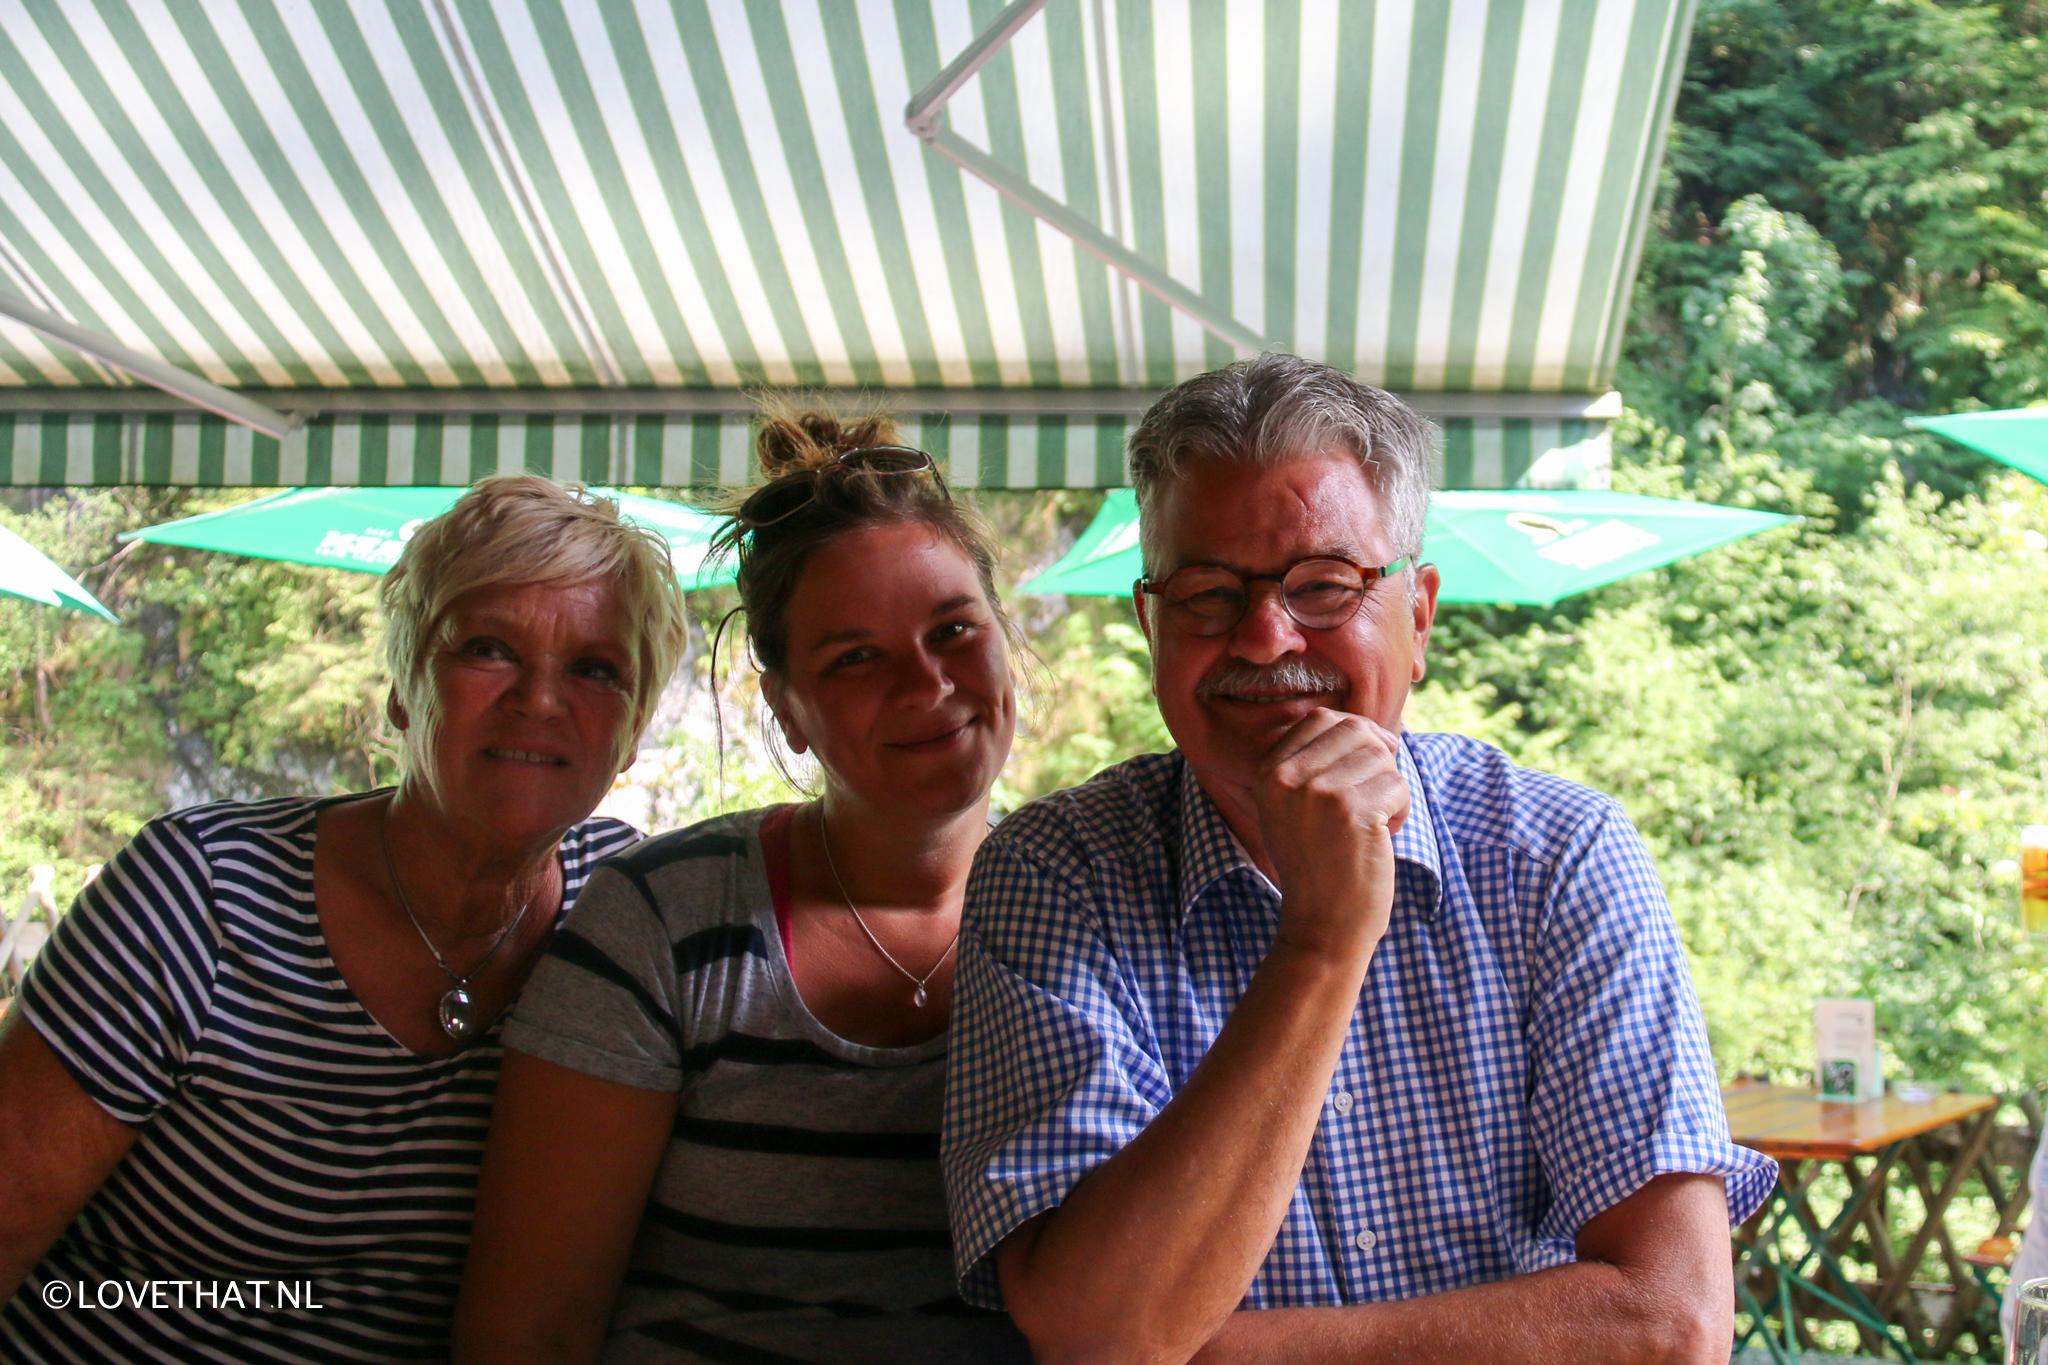 Eind juni waren mijn ouders hier. De start van het 'hoogseizoen!'